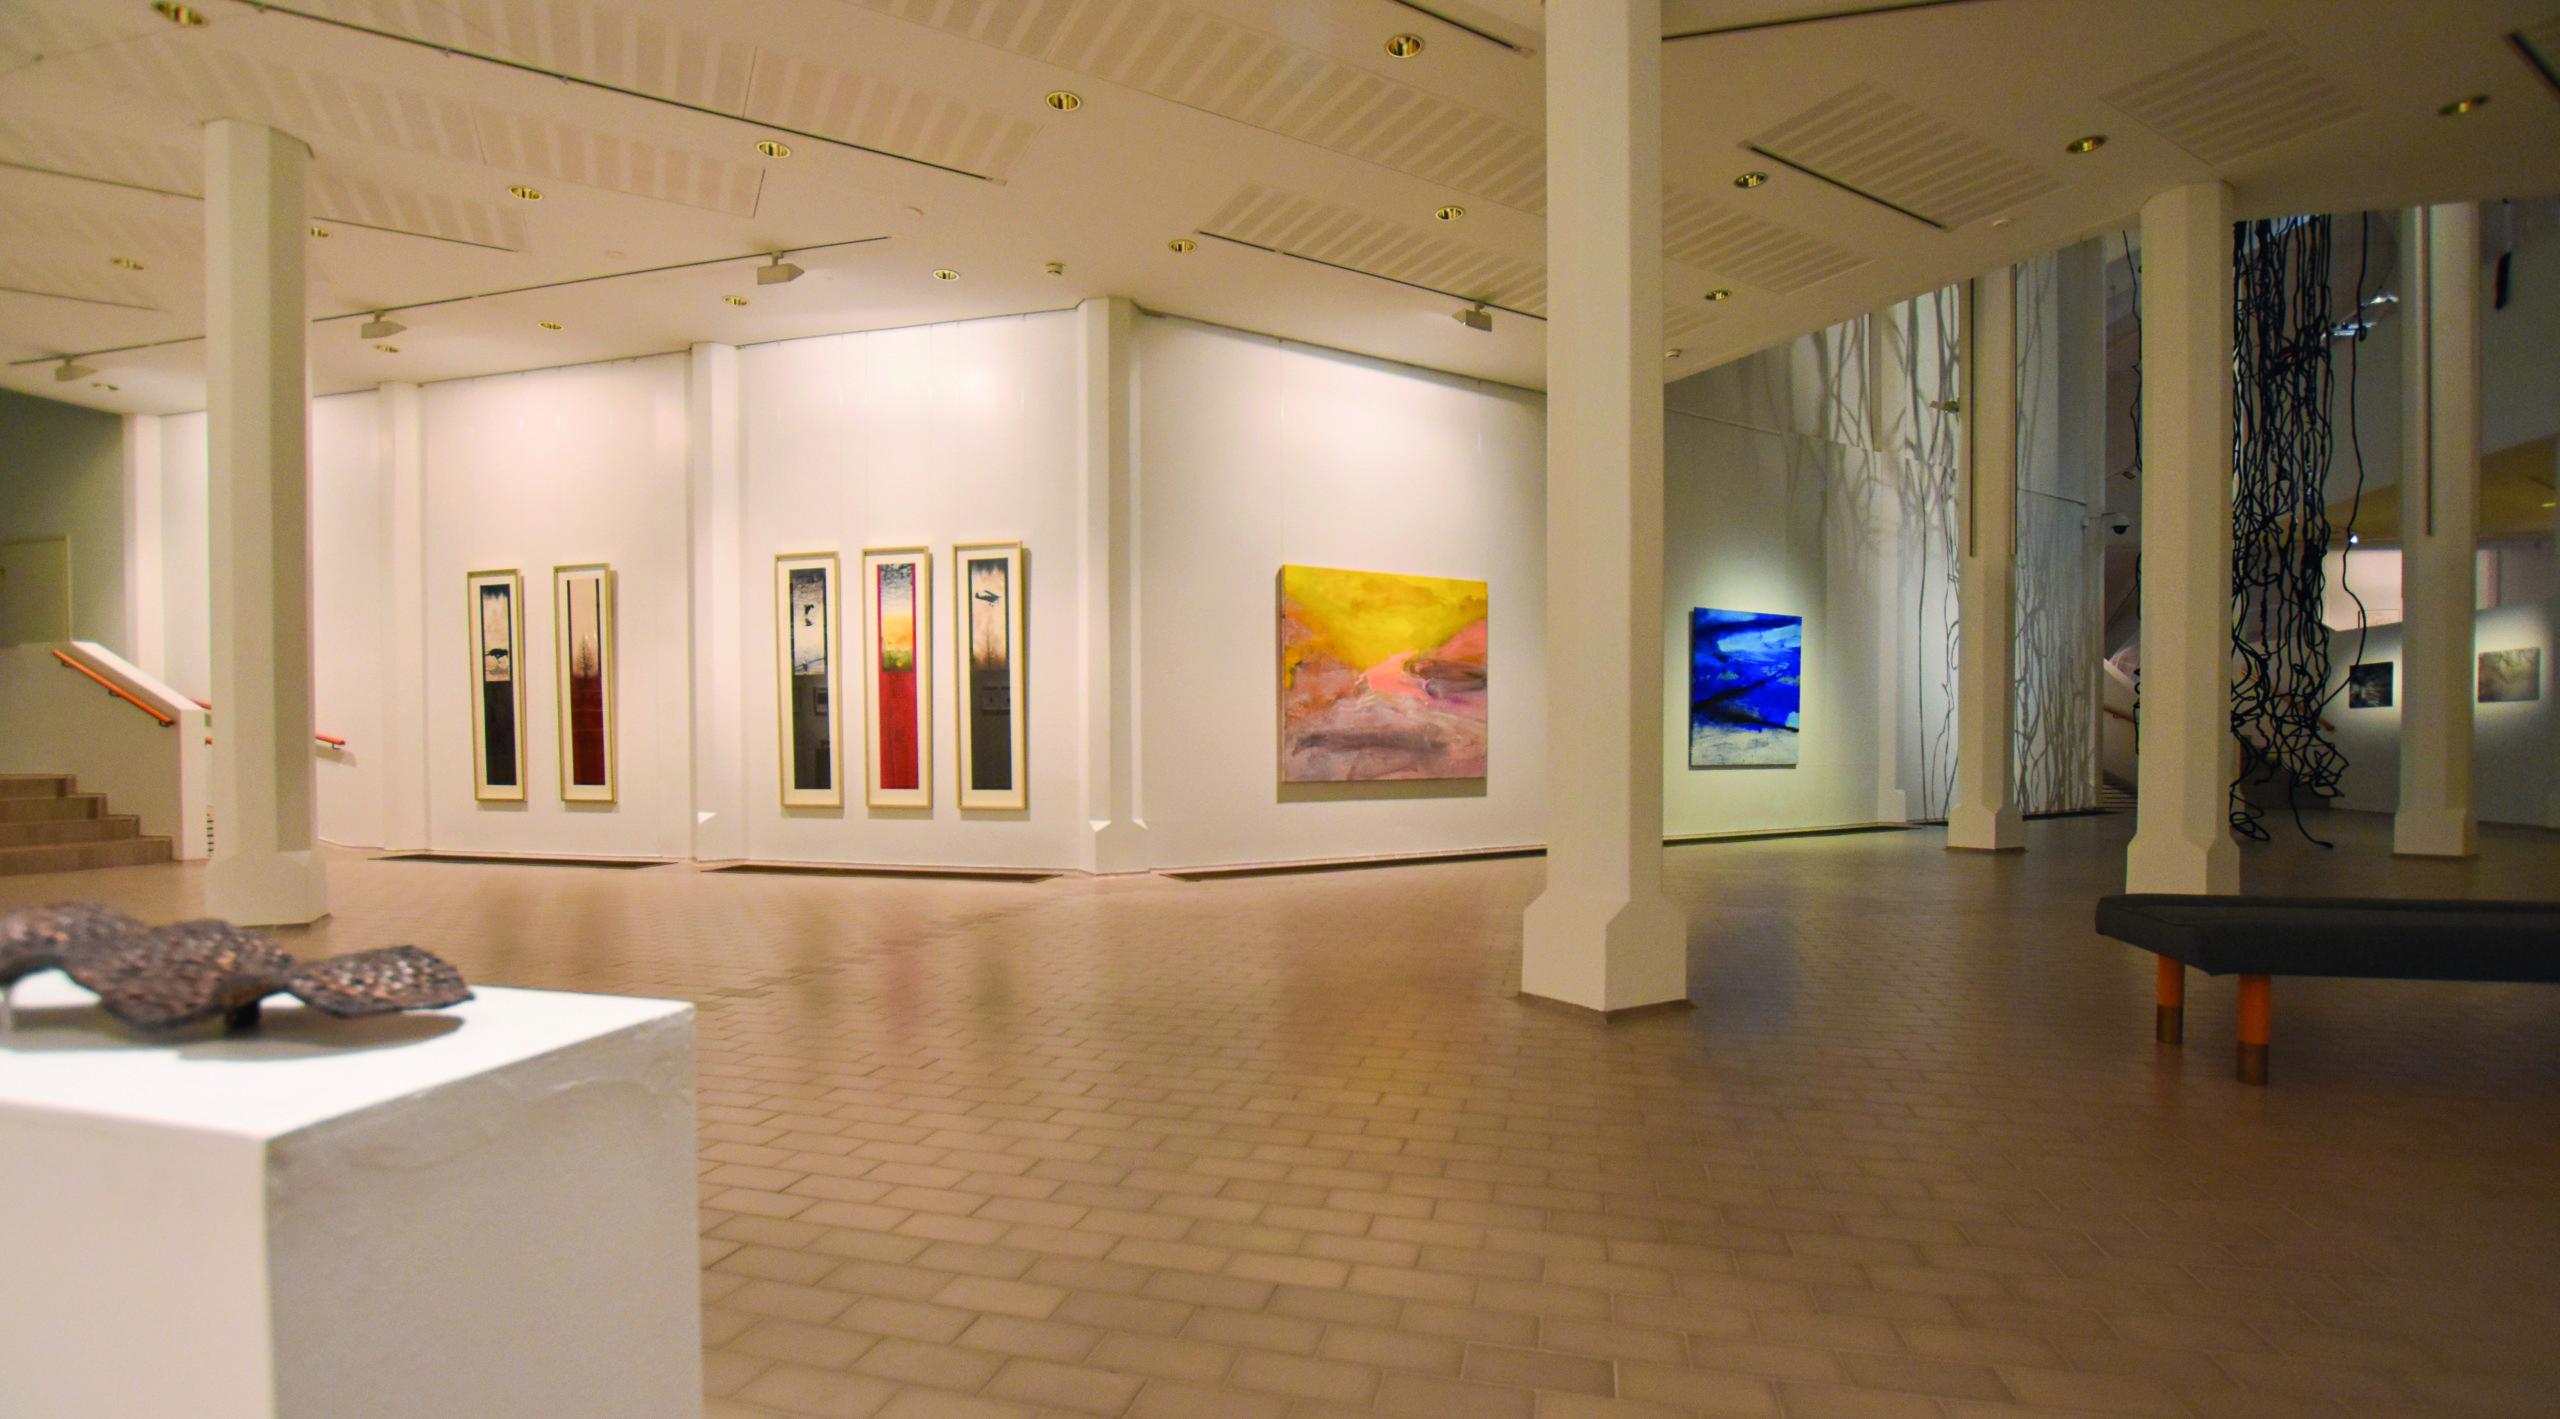 Myötä-näyttely Poikilo-museossa